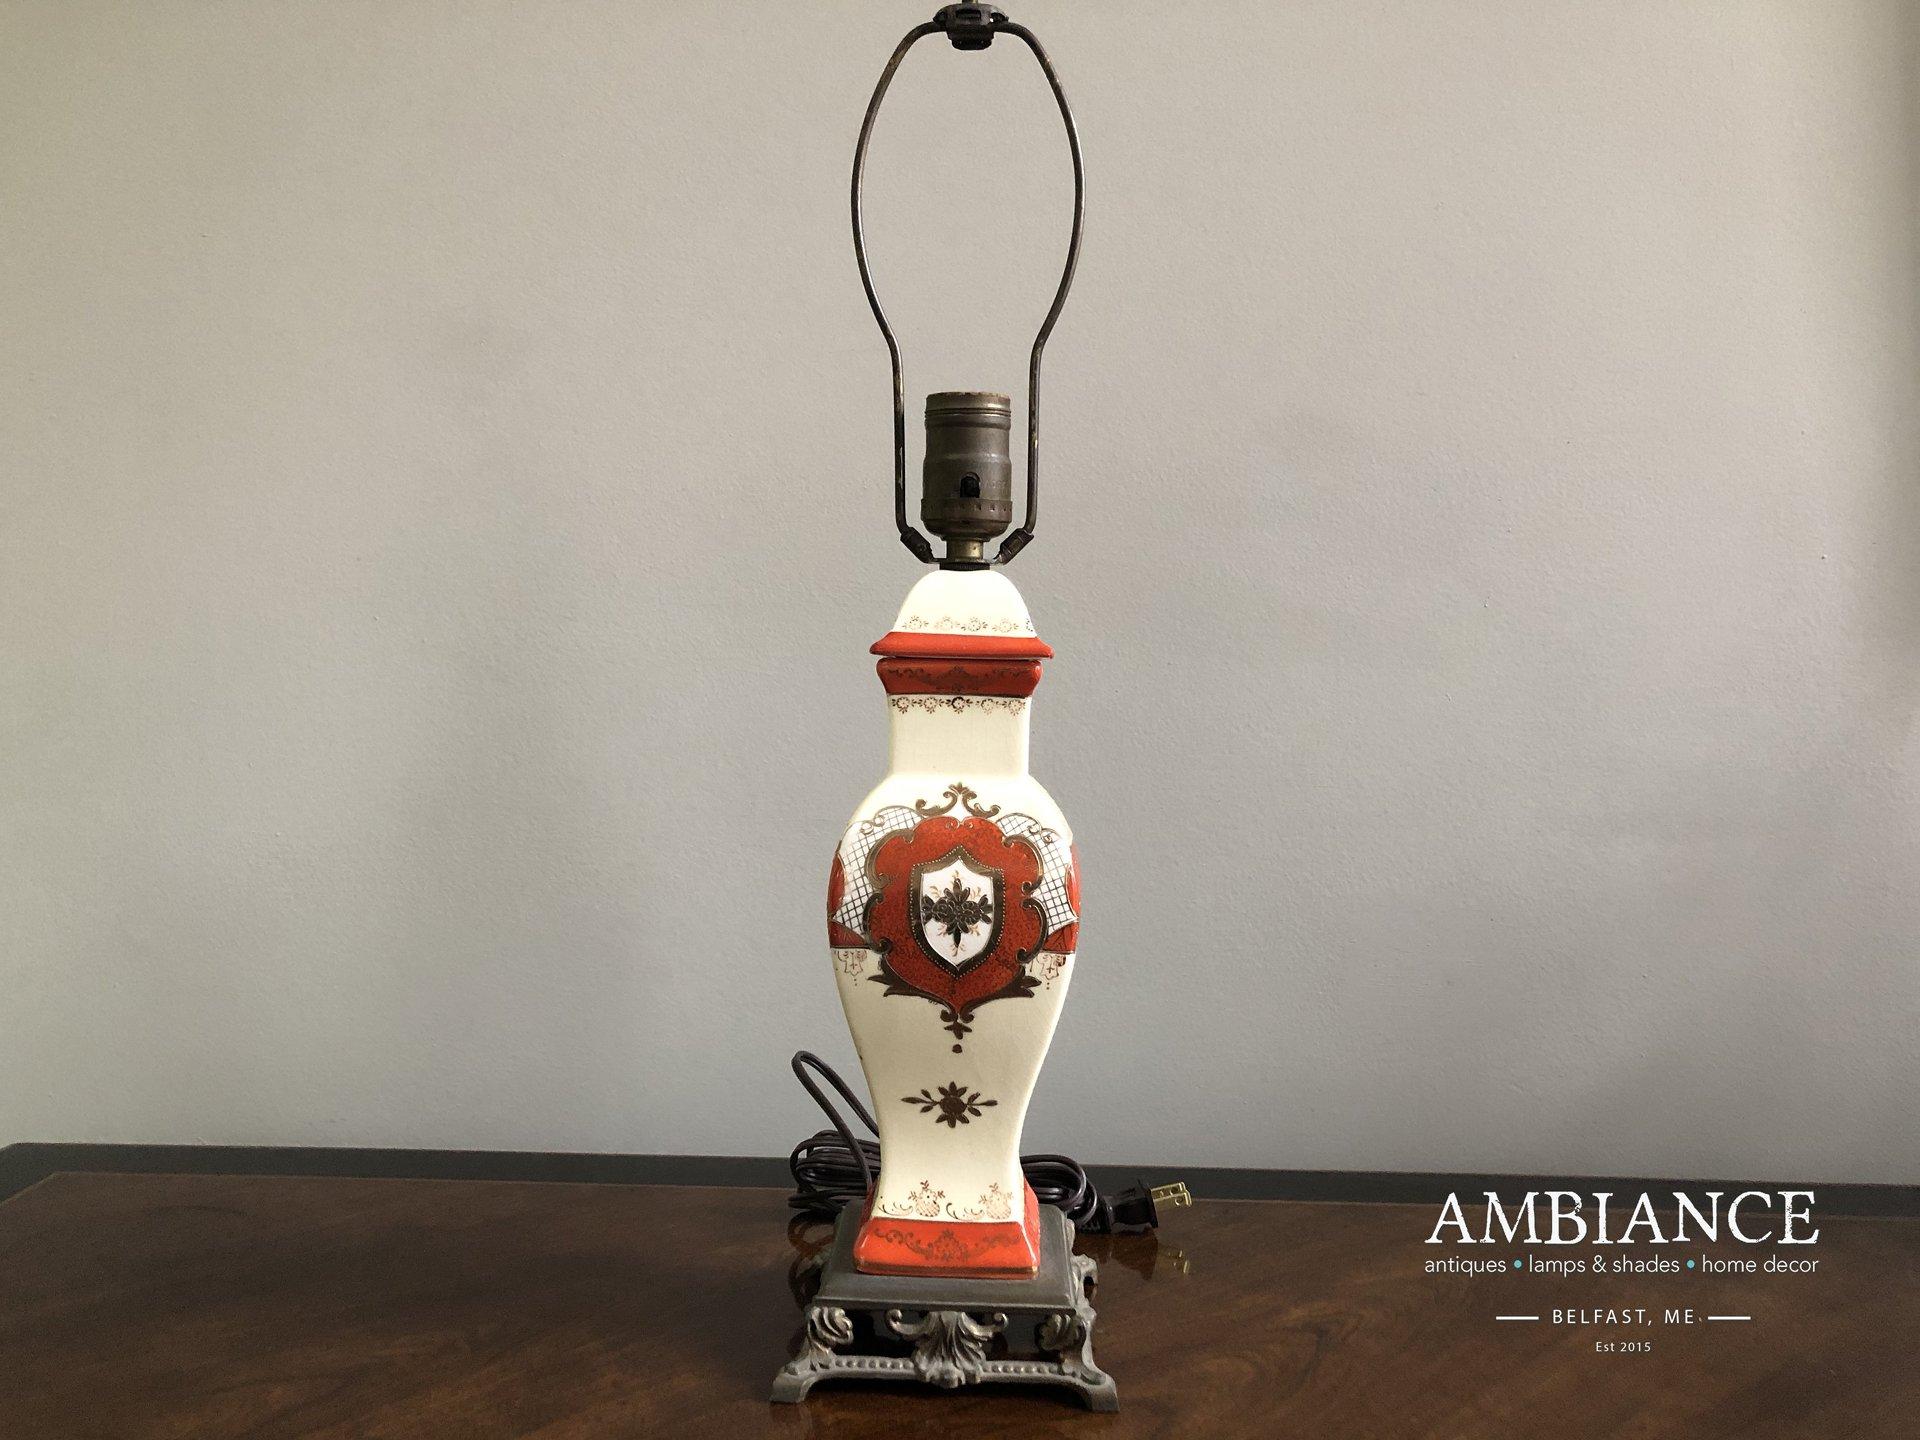 Ginger Jar Vintage Lamp for sale online at AMBIANCE (00)